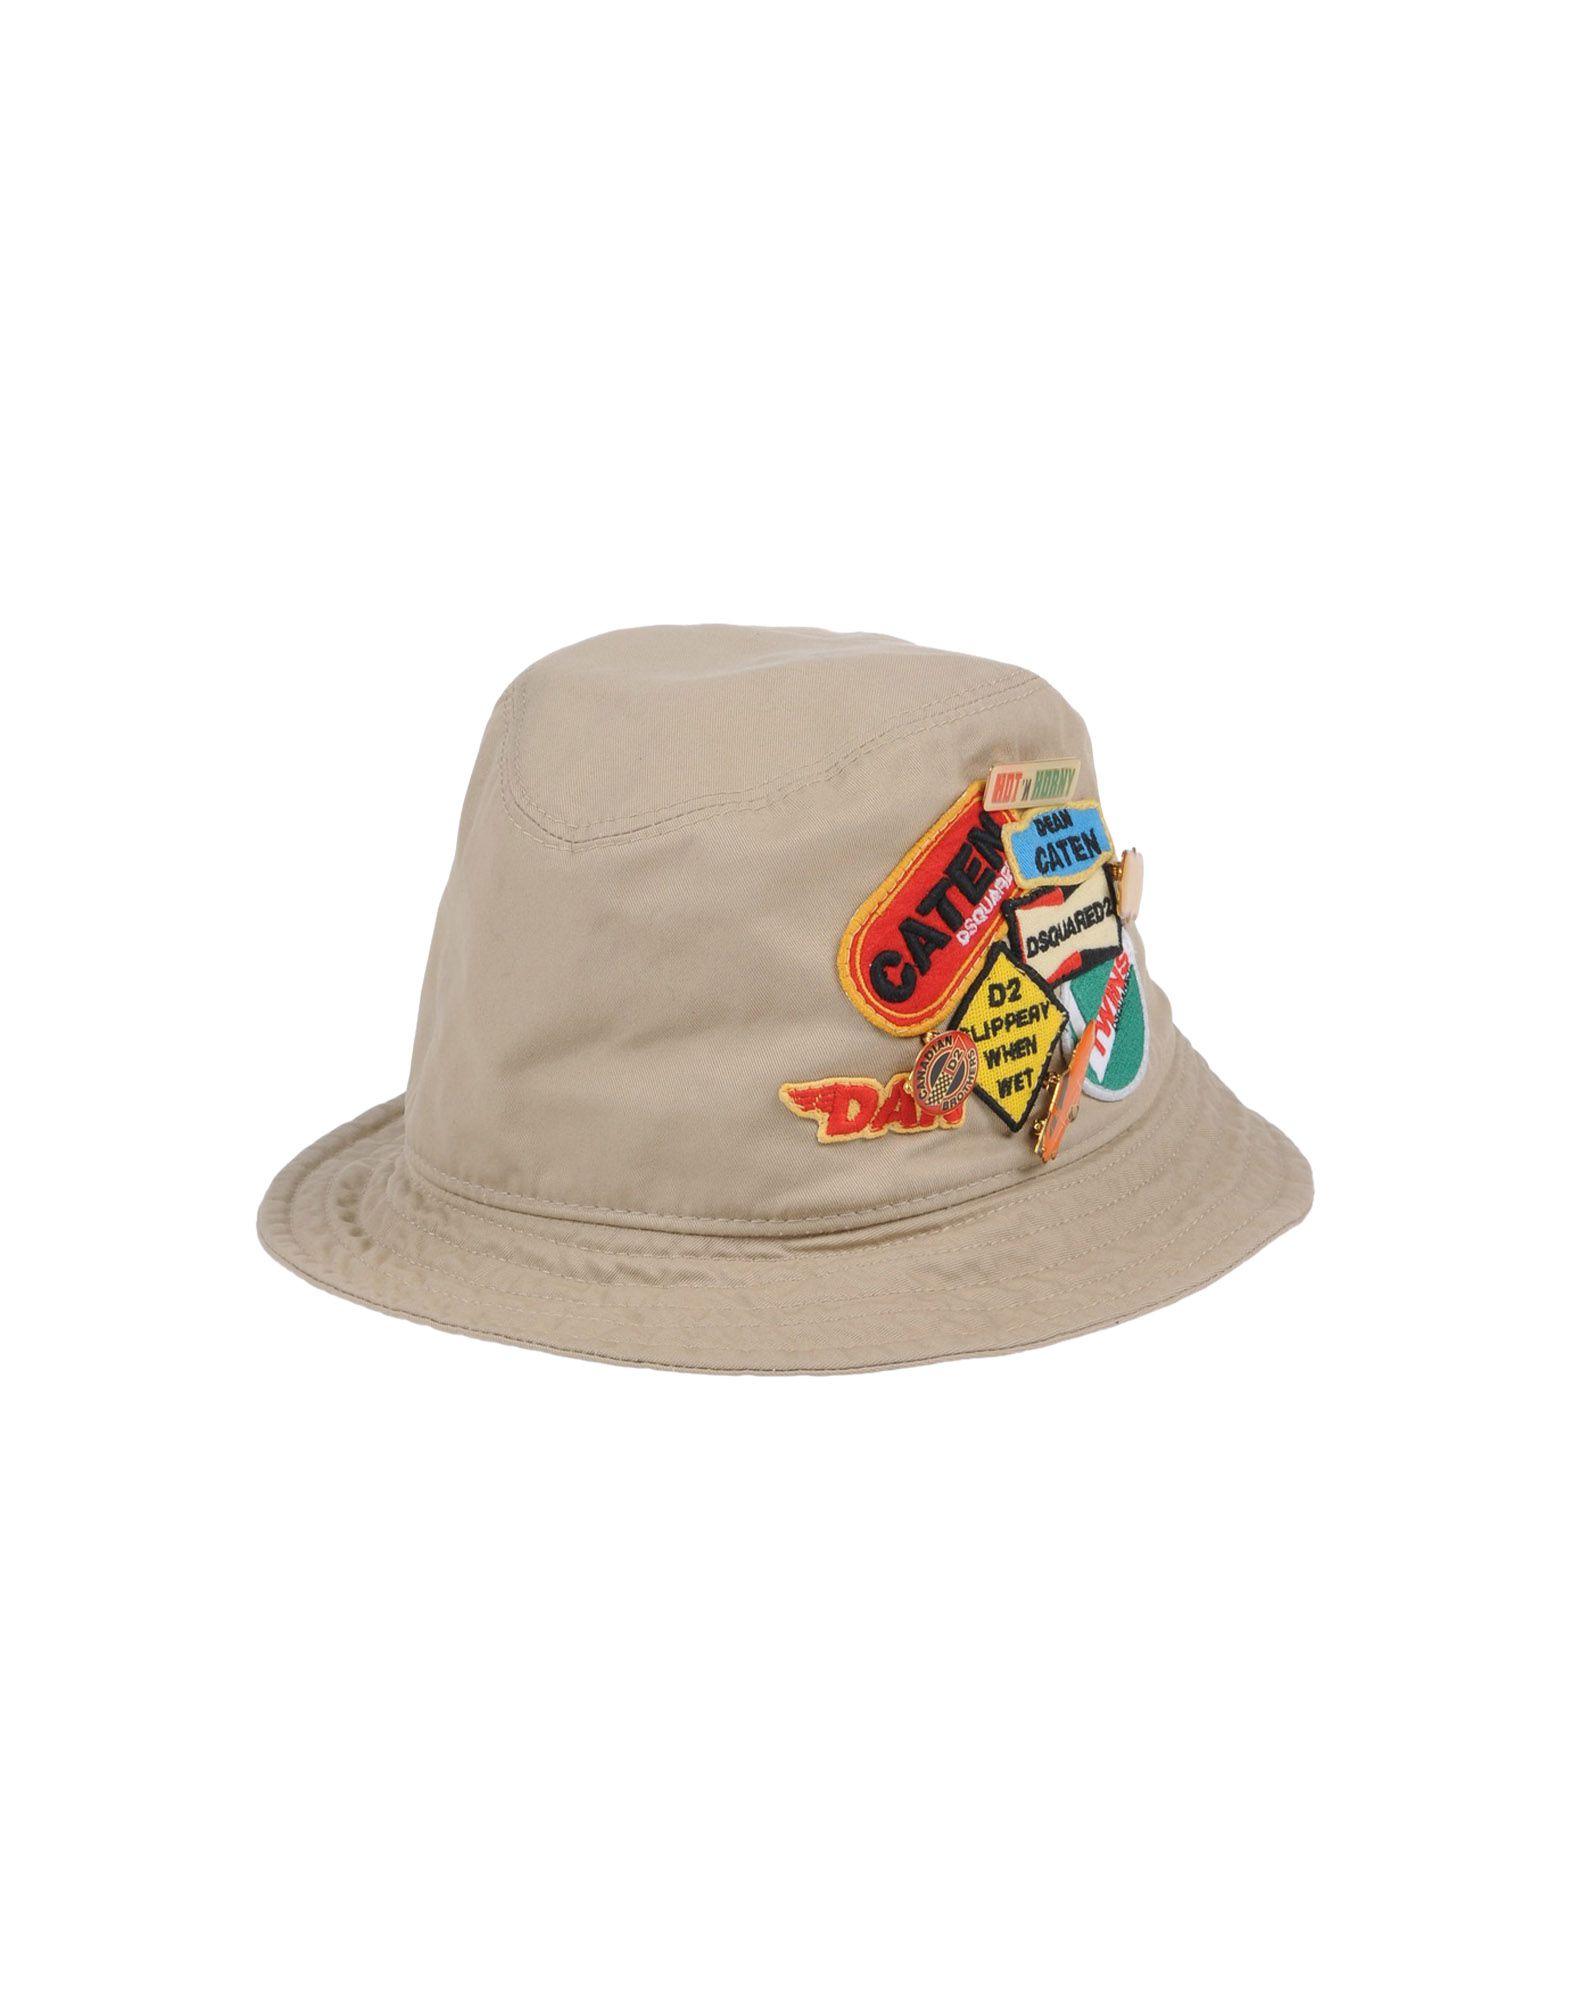 《送料無料》DSQUARED2 メンズ 帽子 ベージュ S コットン 100%